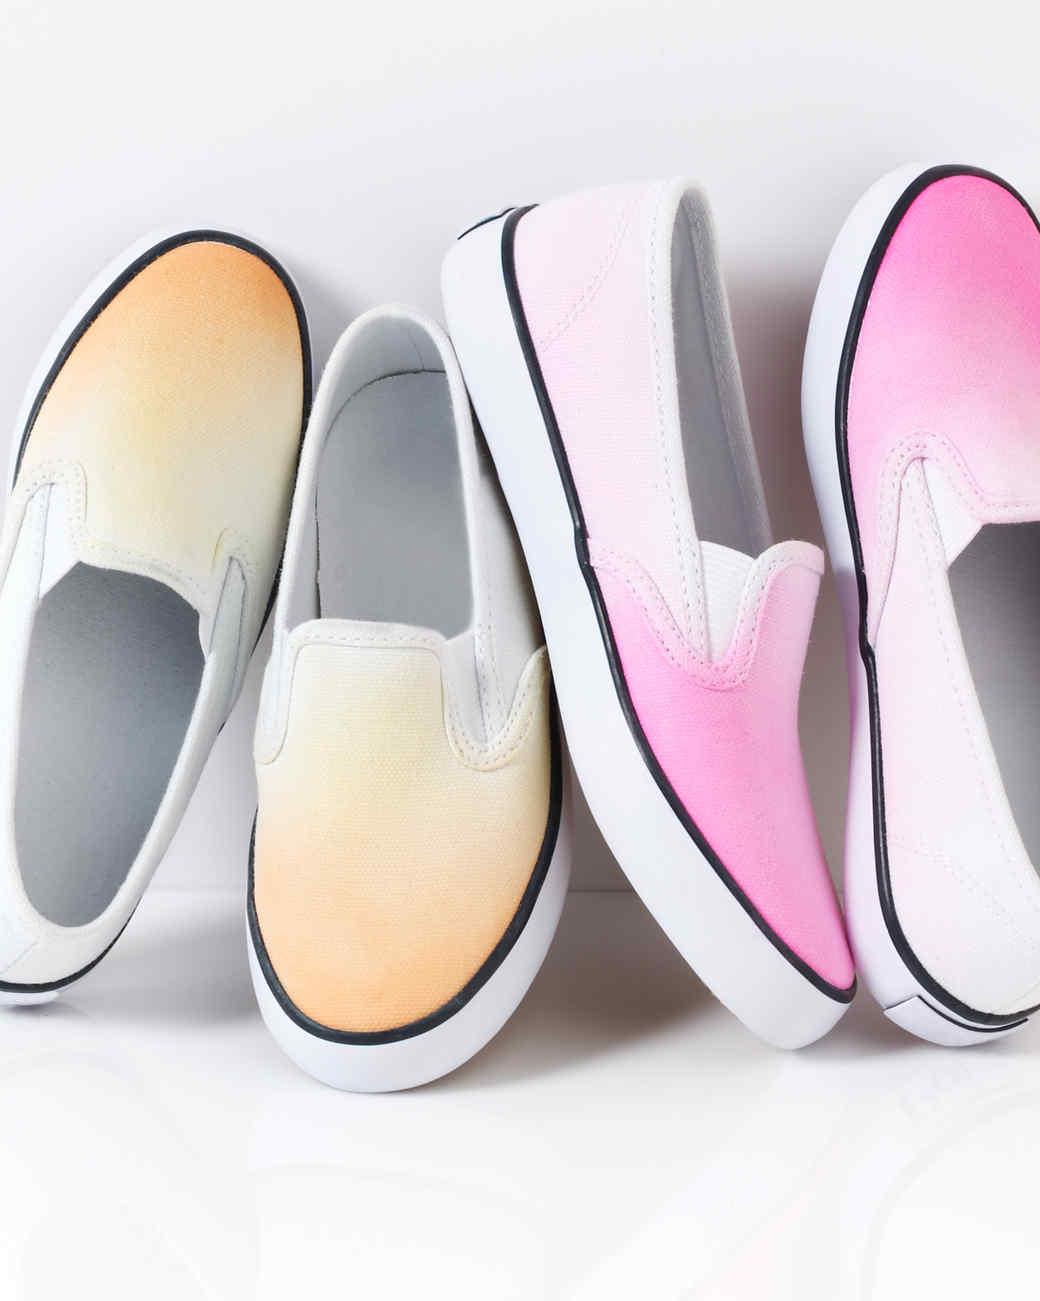 mscrafts-may-color-shoes-mrkt-0414.jpg